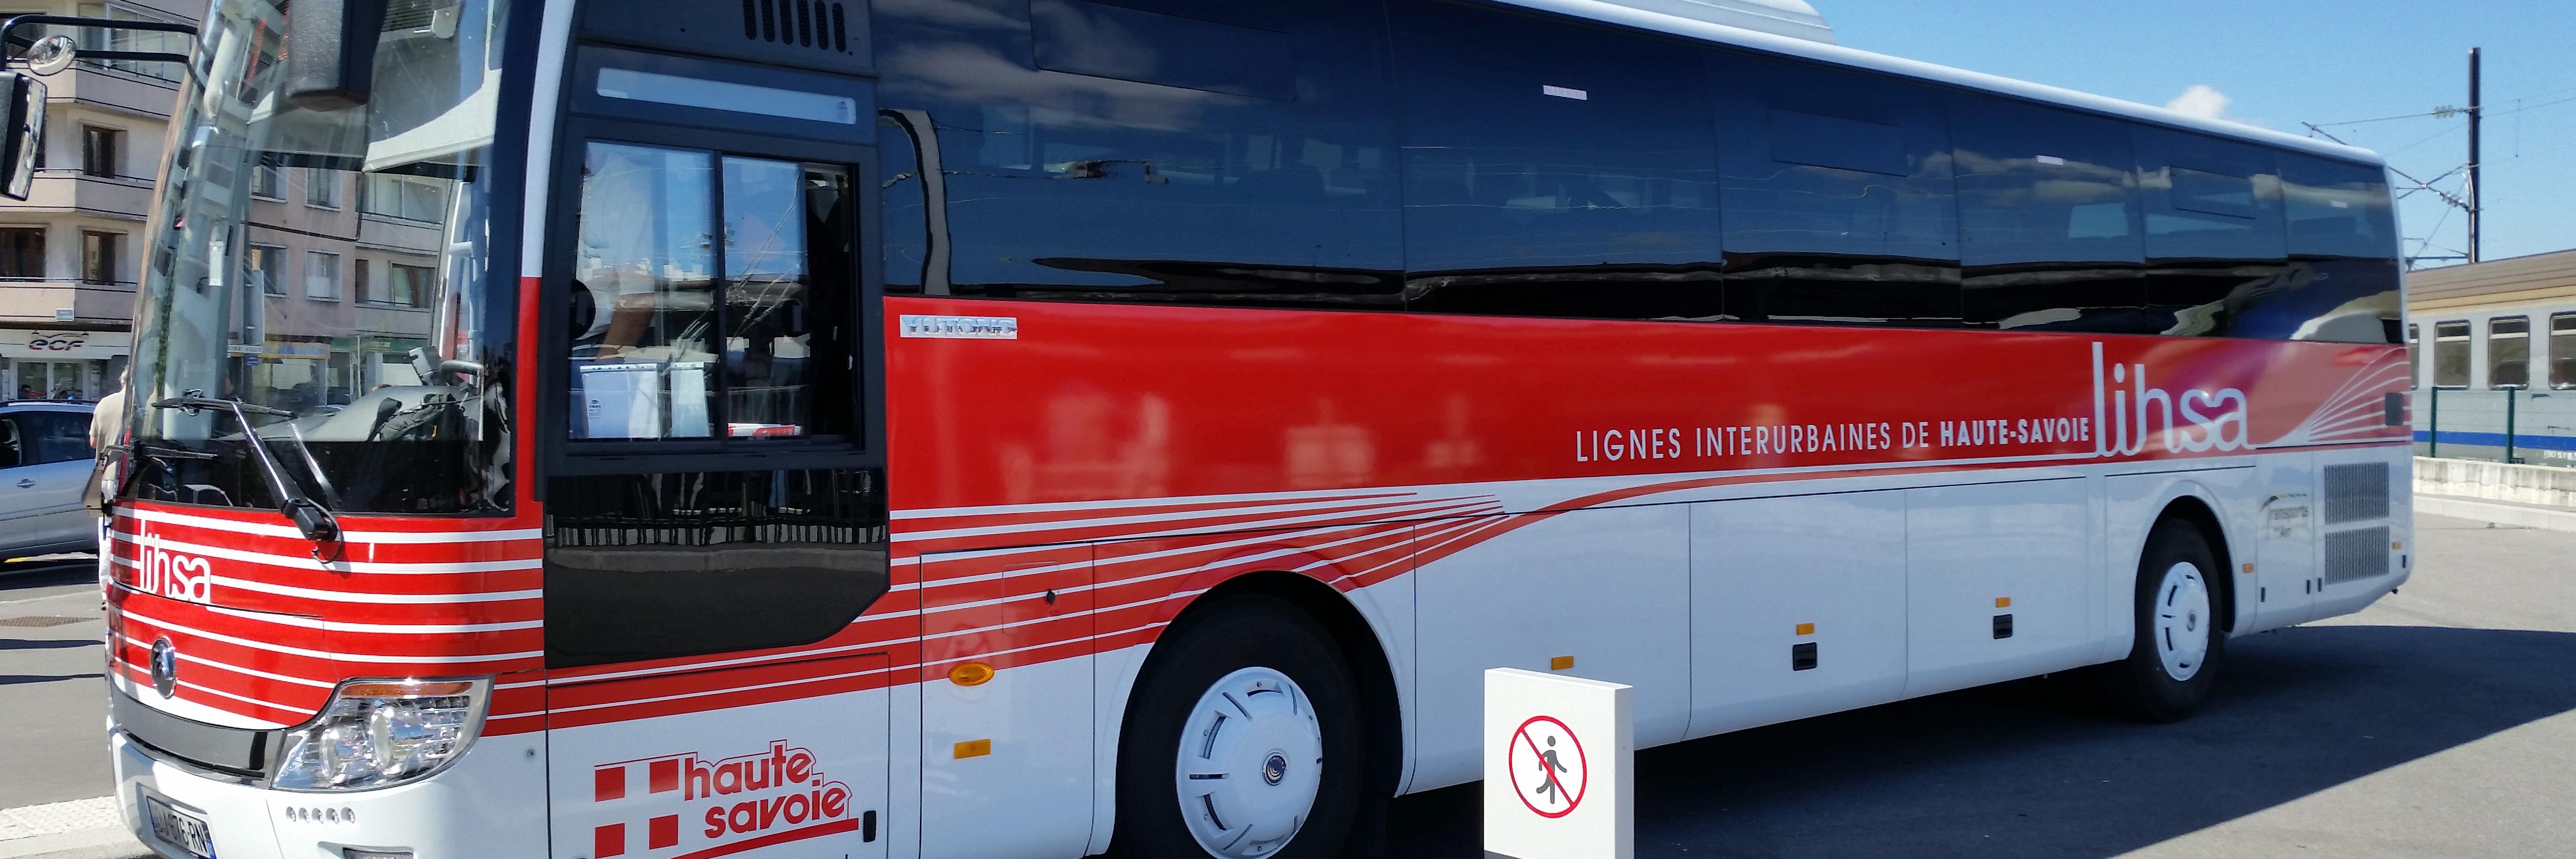 bus-lihsa